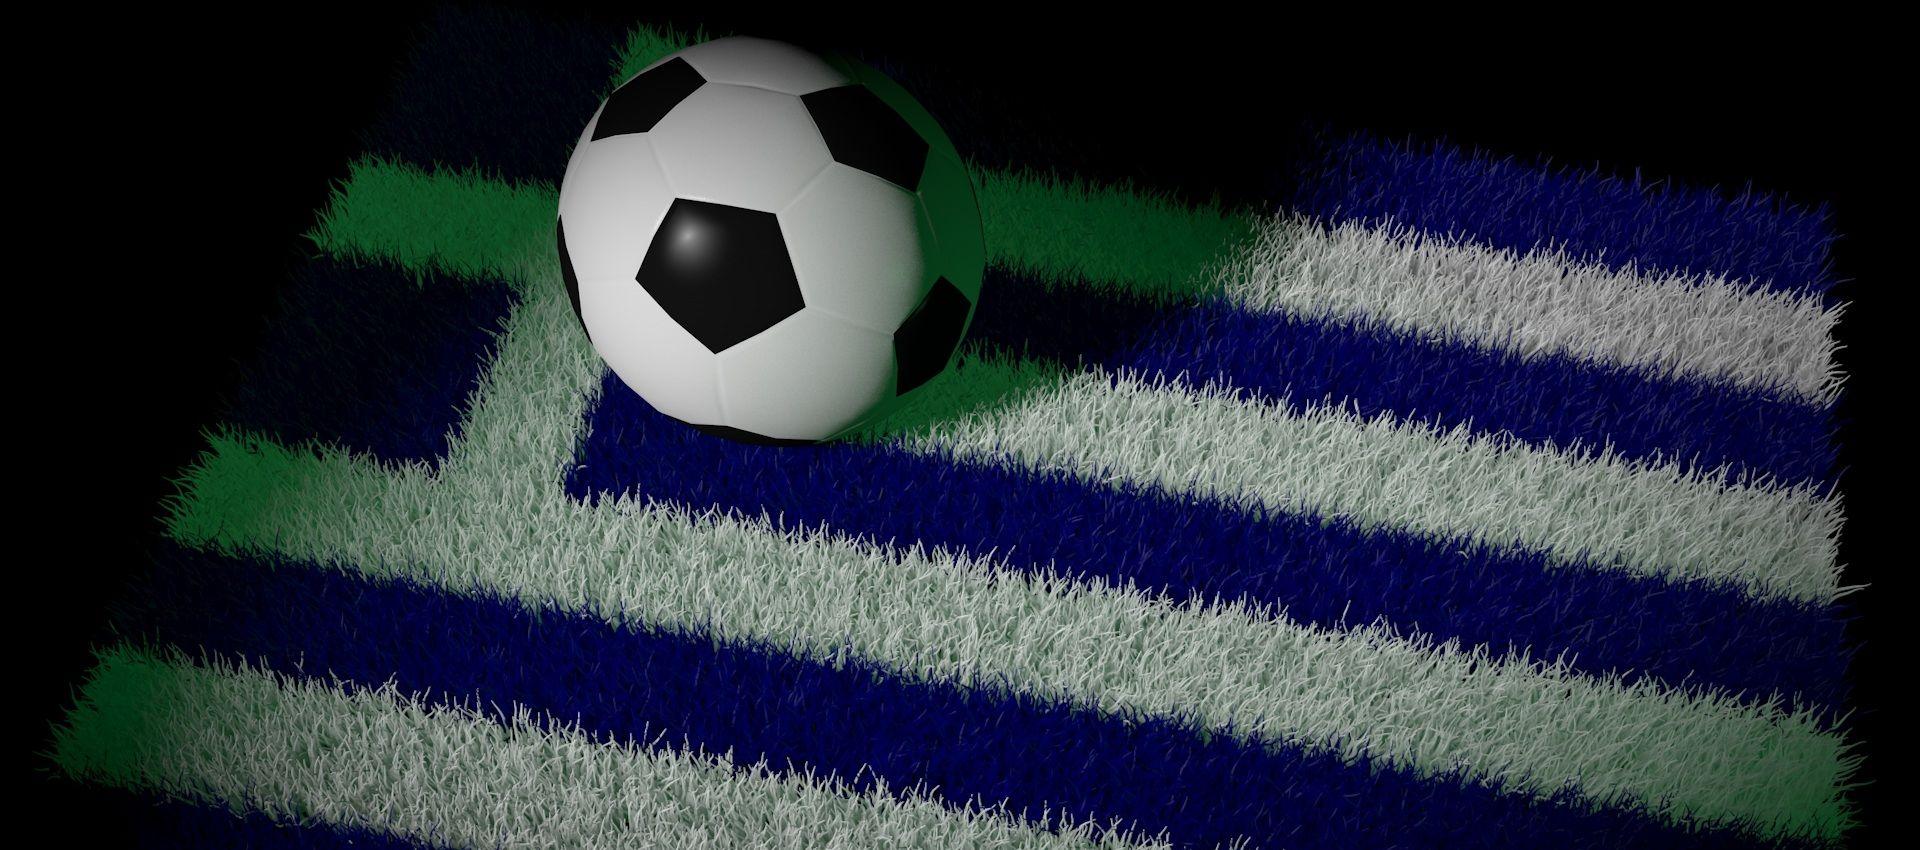 Grčka prekinula sva nogometna natjecanja zbog paleži kuće predsjednika sudačke komisije